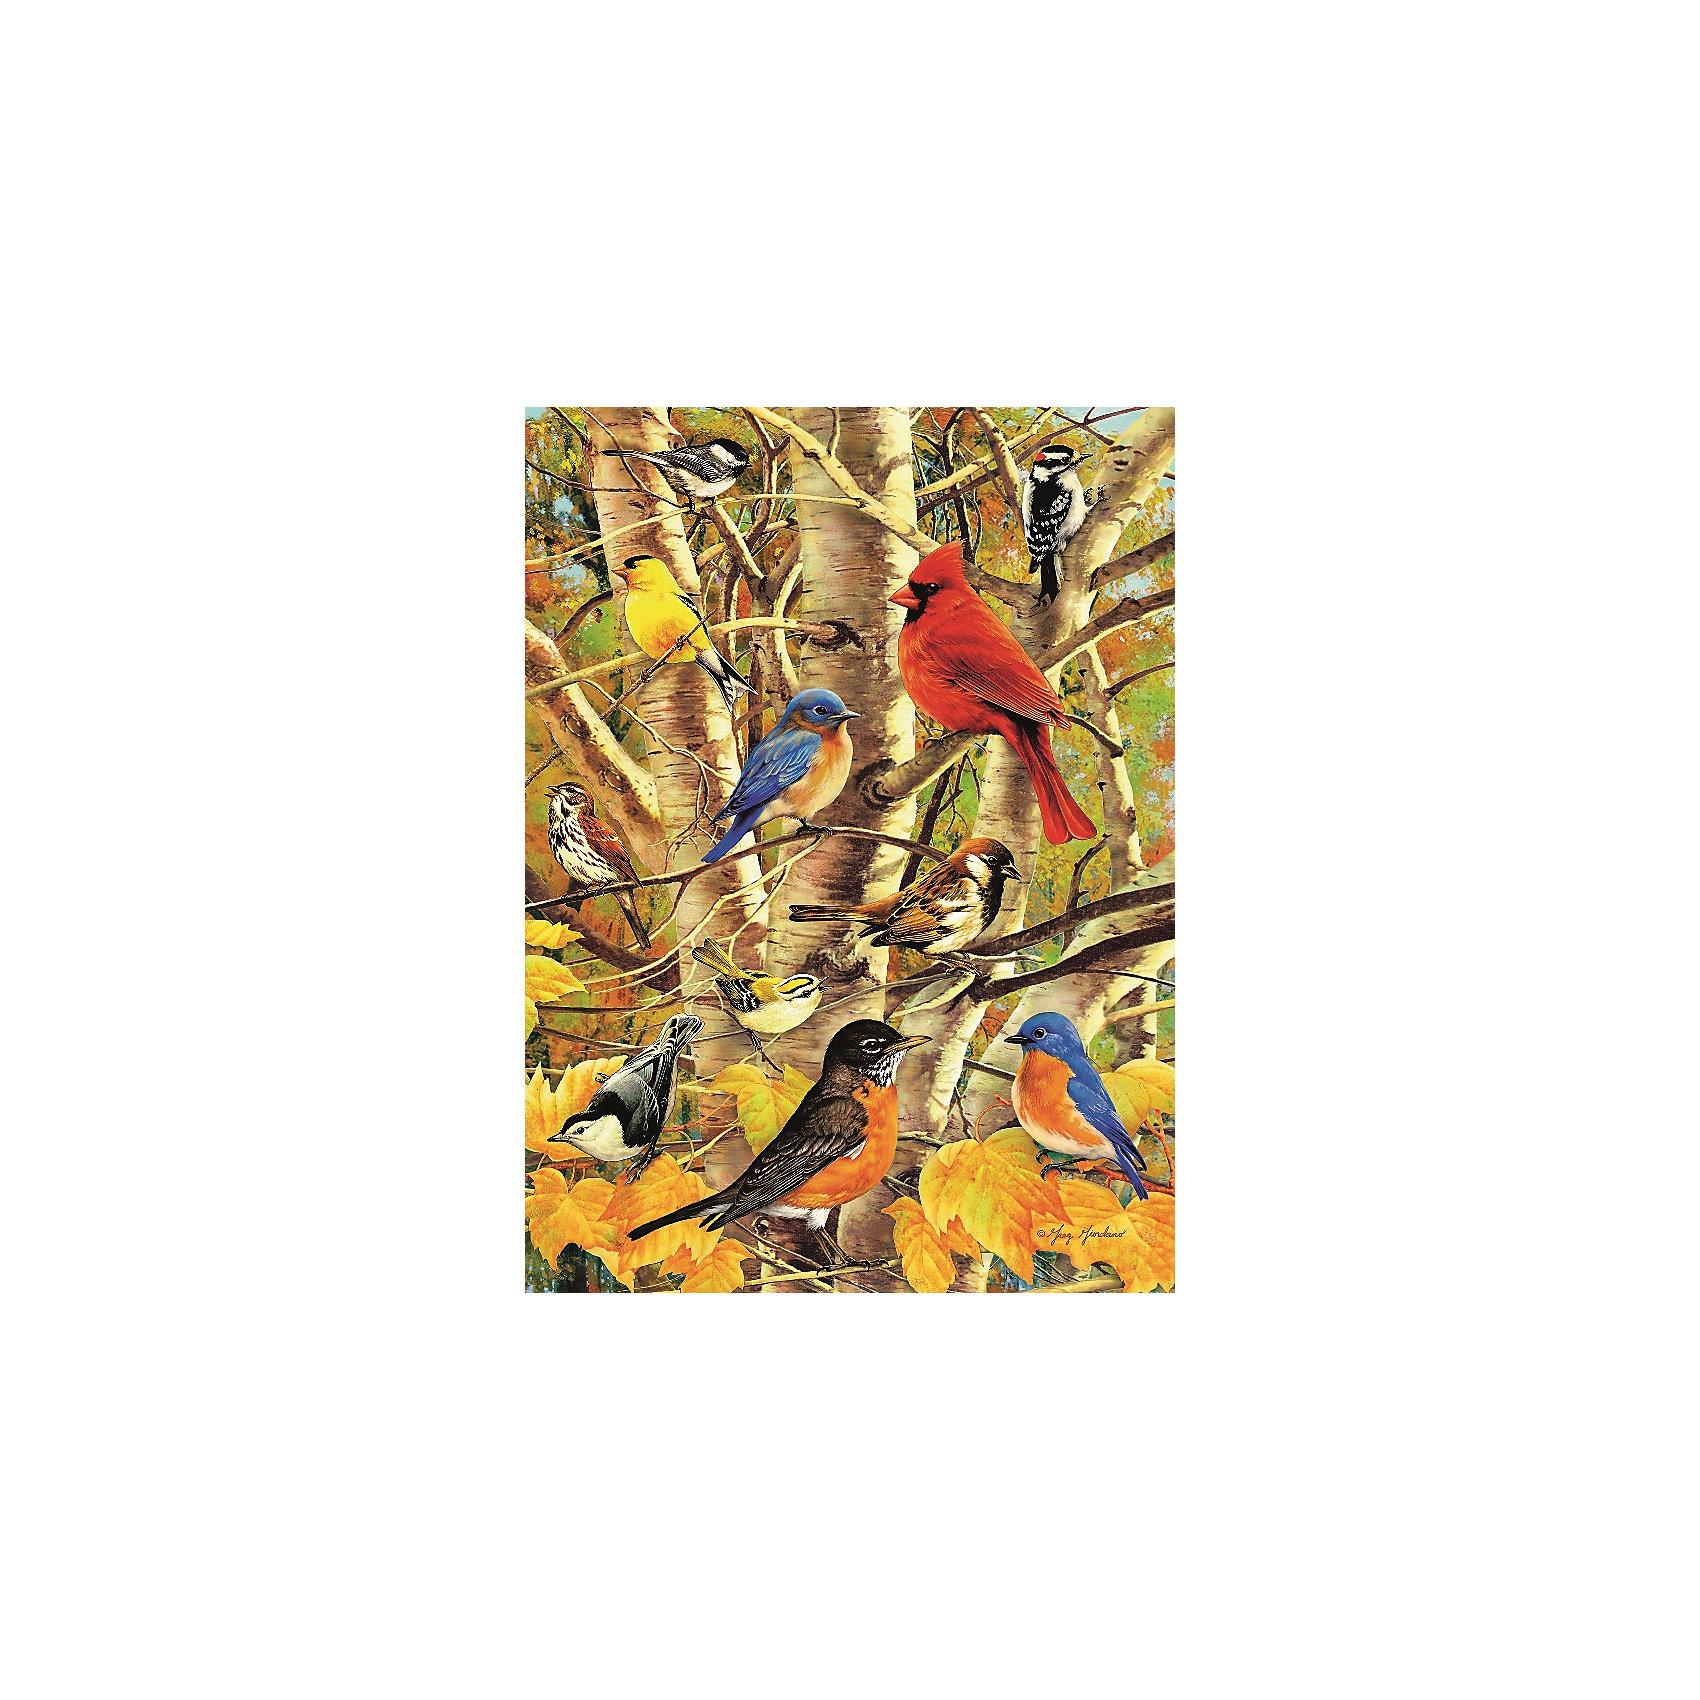 Пазл «Птицы в осеннем лесу» 500 деталей, RavensburgerПазл «Птицы в осеннем лесу» 500 деталей, Ravensburger (Равенсбургер) – это пазл отличного качества с яркими красками и реалистичной картинкой.<br>Собрав пазл «Птицы в осеннем лесу» вы получите великолепную картину с изображением птиц с ярким оперением, которые сидят на ветках деревьев в осеннем лесу. Приятные мягкие цвета красок радуют глаз. Каждая деталь пазла имеет свою форму и подходит только на свое место. Нет двух одинаковых деталей! Пазл изготовлен из картона высочайшего качества. Softclick технология гарантирует 100% соединение деталей. Детали не деформируются и не расслаиваются при сборке. Матовая поверхность приятна на ощупь и не отбрасывает блики на свету. Все изображения аккуратно отсканированы и напечатаны на ламинированной бумаге. Пазл - великолепная игра для семейного досуга. Сегодня собирание пазлов стало особенно популярным, главным образом, благодаря своей многообразной тематике, способной удовлетворить самый взыскательный вкус. А для детей это не только интересно, но и полезно. Собирание пазла развивает мелкую моторику у ребенка, тренирует наблюдательность, логическое мышление, знакомит с окружающим миром, с цветом и разнообразными формами.<br><br>Дополнительная информация:<br><br>- Количество деталей: 500 шт.<br>- Размер картинки: 49 х 36 см.<br>- Материал: картон<br>- Размер упаковки: 34 х 23 х 4 см.<br>- Вес: 579 гр.<br><br>Пазл «Птицы в осеннем лесу» 500 деталей, Ravensburger (Равенсбургер) можно купить в нашем интернет-магазине.<br><br>Ширина мм: 230<br>Глубина мм: 340<br>Высота мм: 40<br>Вес г: 579<br>Возраст от месяцев: 96<br>Возраст до месяцев: 192<br>Пол: Унисекс<br>Возраст: Детский<br>Количество деталей: 500<br>SKU: 4214575